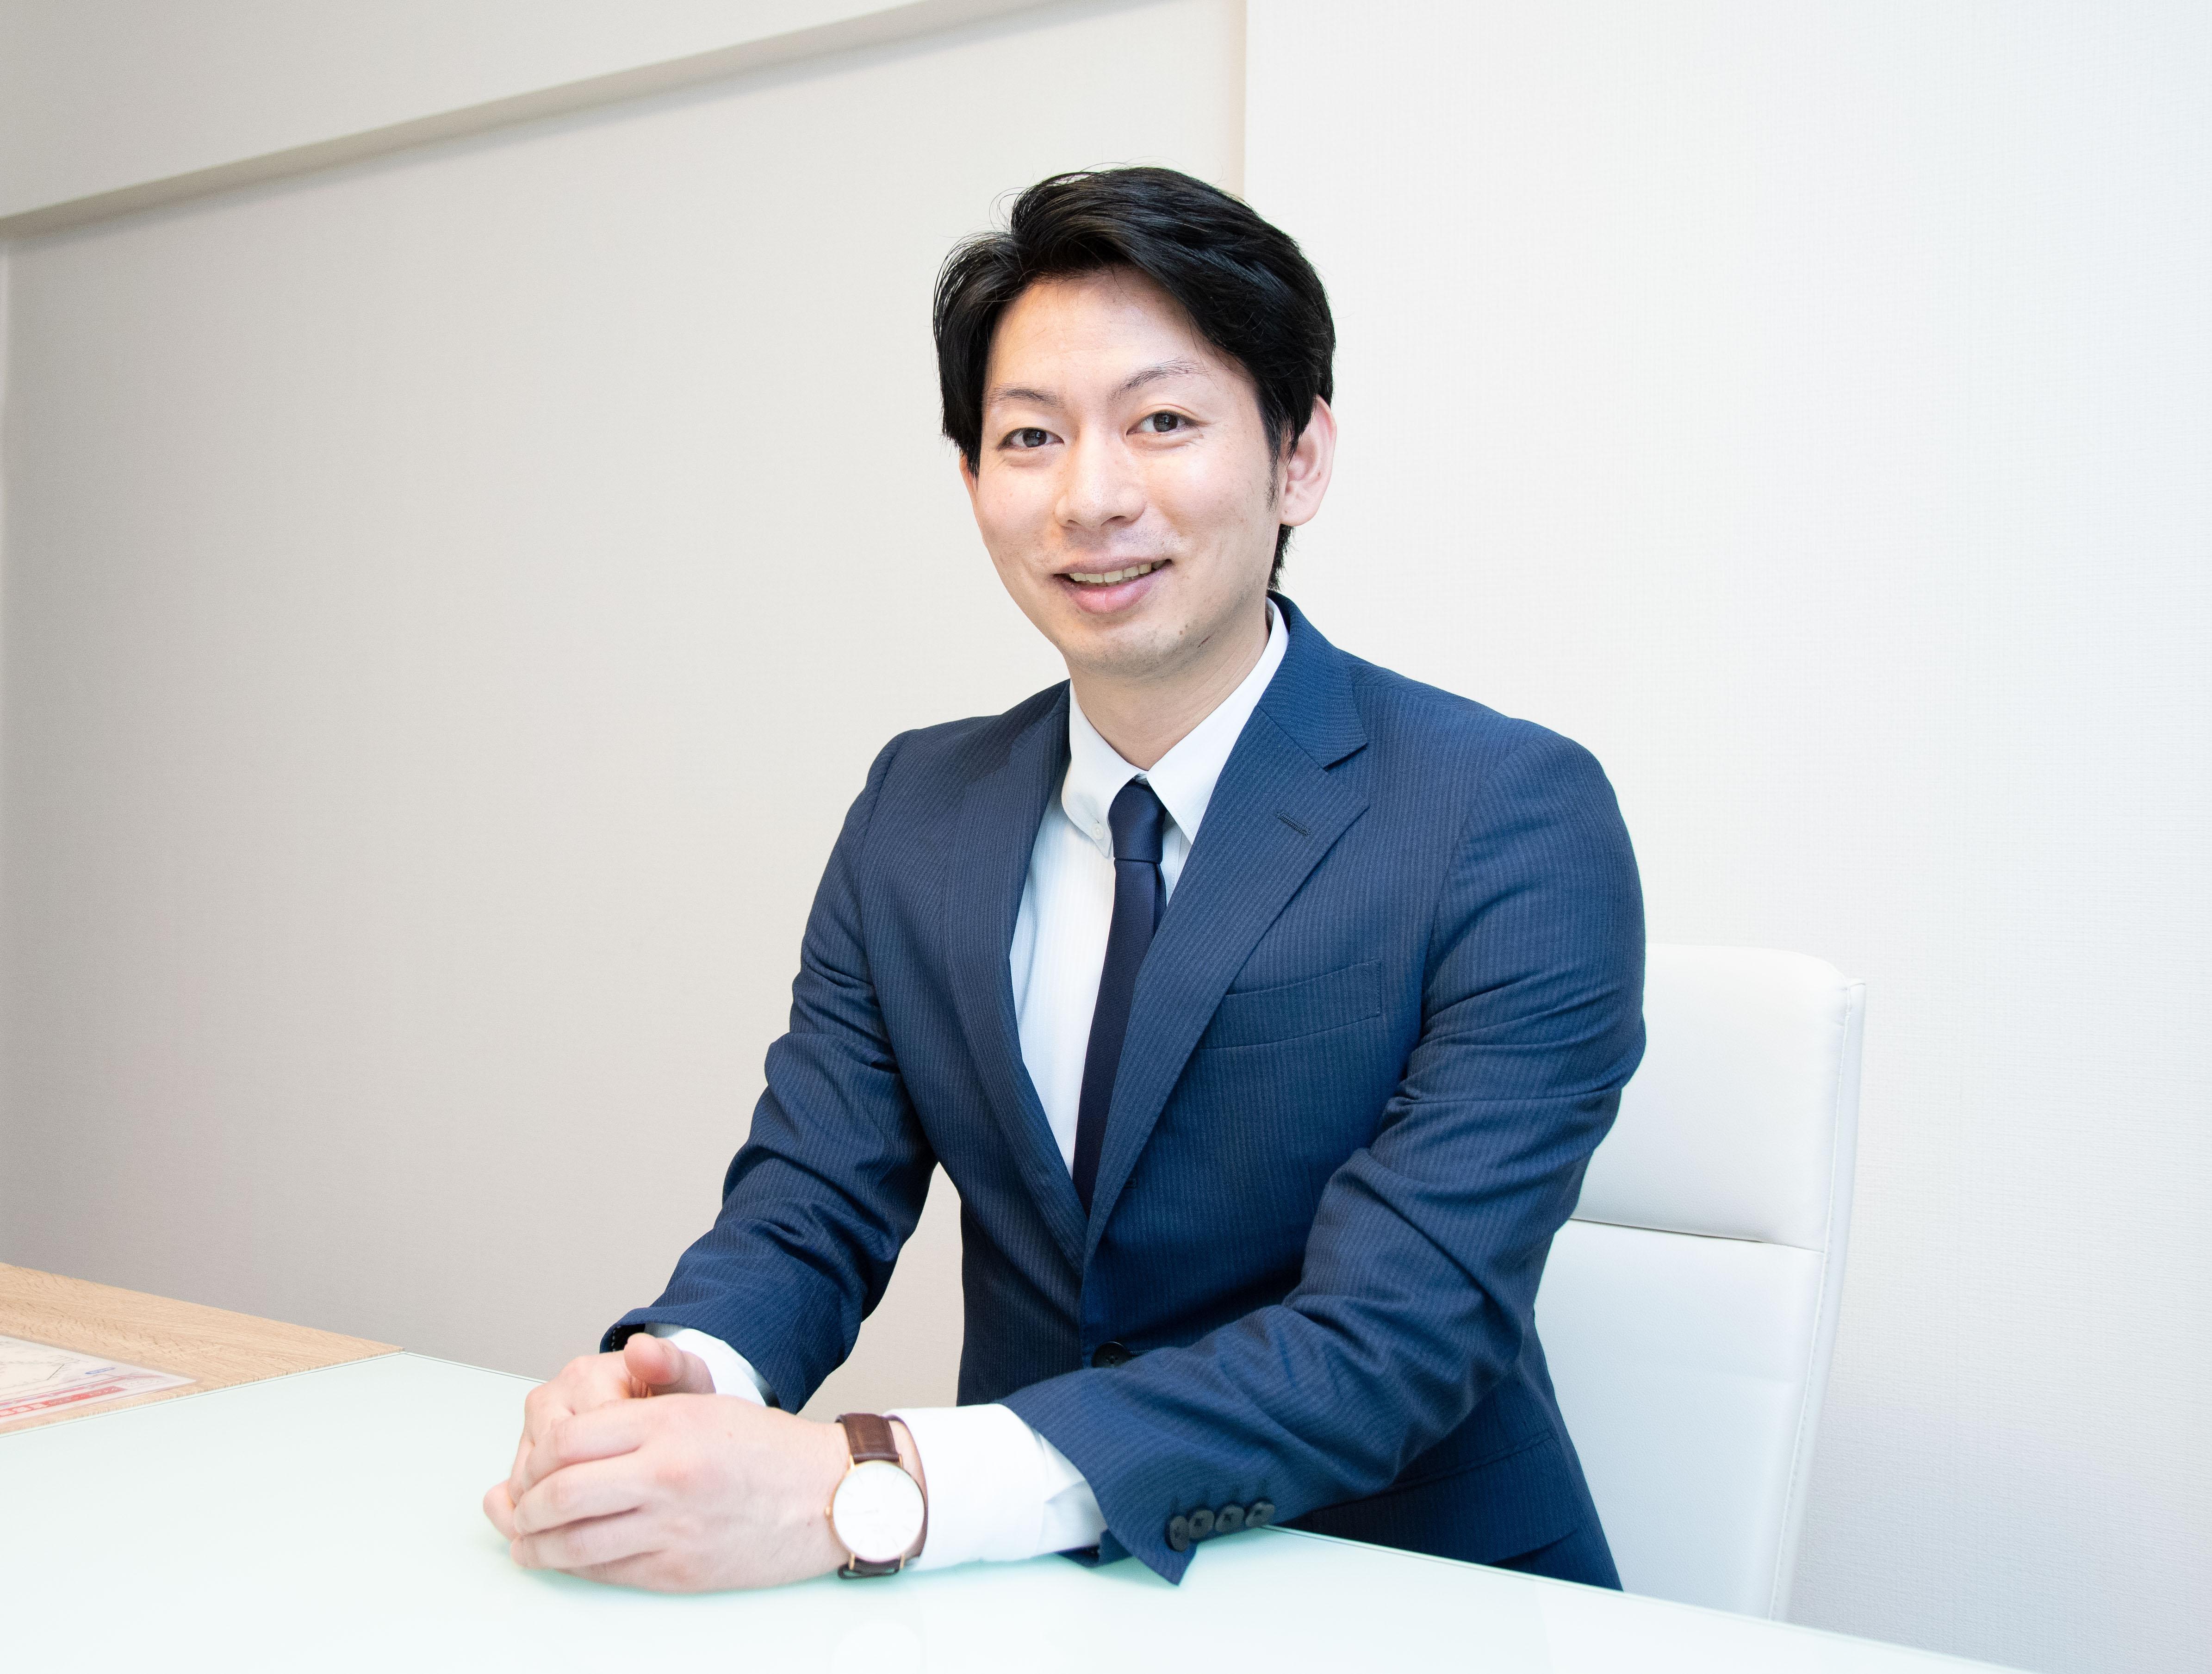 株式会社MIJ 代表取締役 島 洋祐